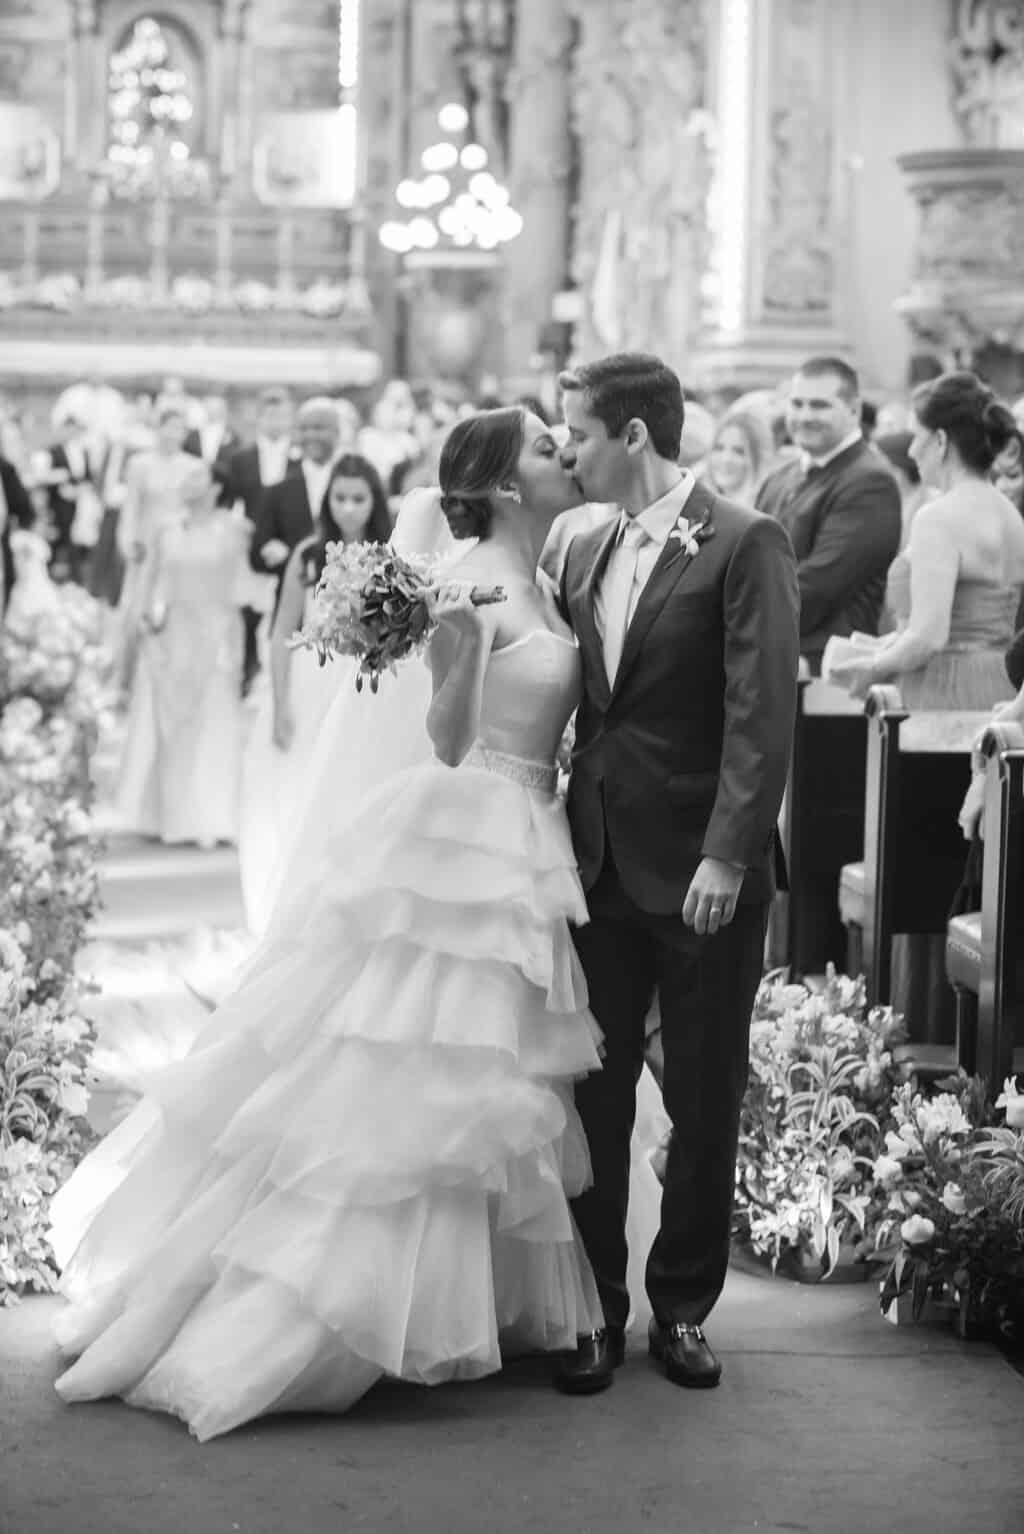 casamento-Karynna-e-Fernando-cerimonia-na-igreja-cerimonial-TCD-Eventos-fotografia-Marina-Fava-Igreja-São-Francisco-de-Paula-noivos-no-altar89